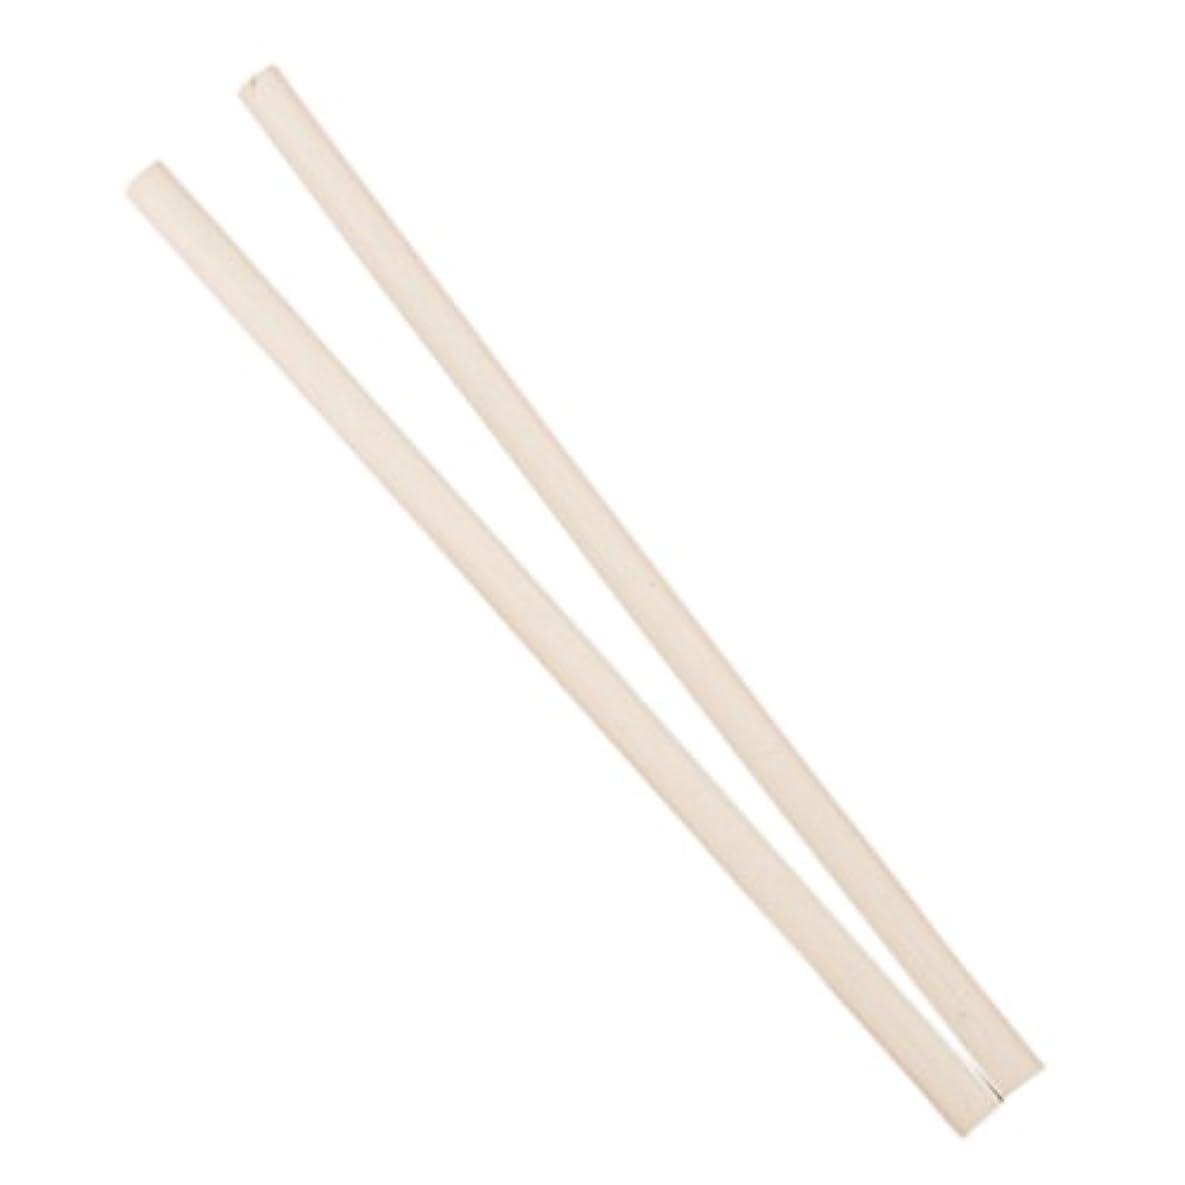 信仰軽食精算SODIAL(R) 2 xラインストーンピッカー鉛筆ツールネイルアート用/ボーナス製作用